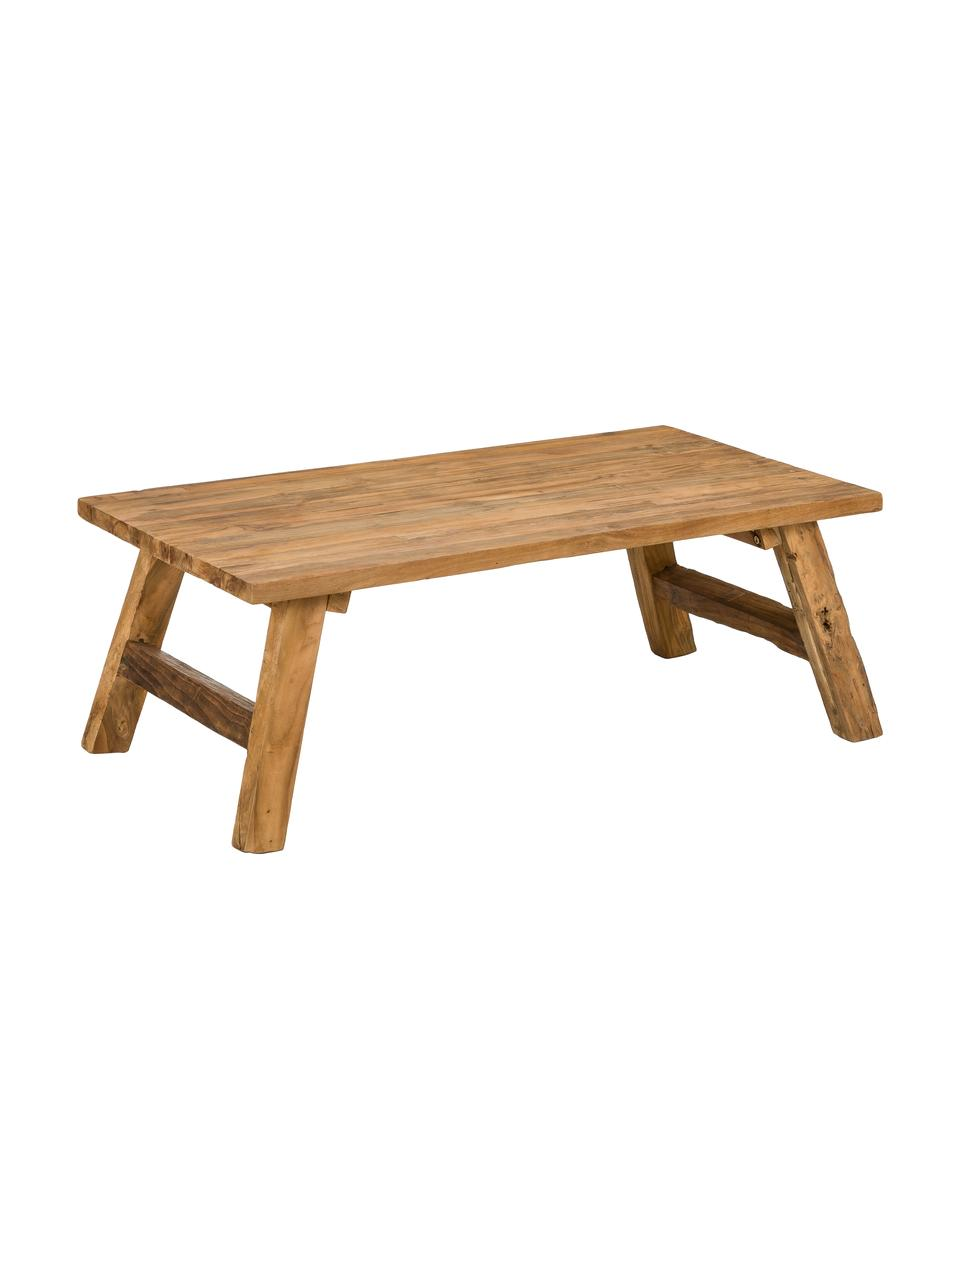 Teakhouten salontafel Lawas, Natuurlijk teakhout, Teakhoutkleurig, B 120 x D 70 cm